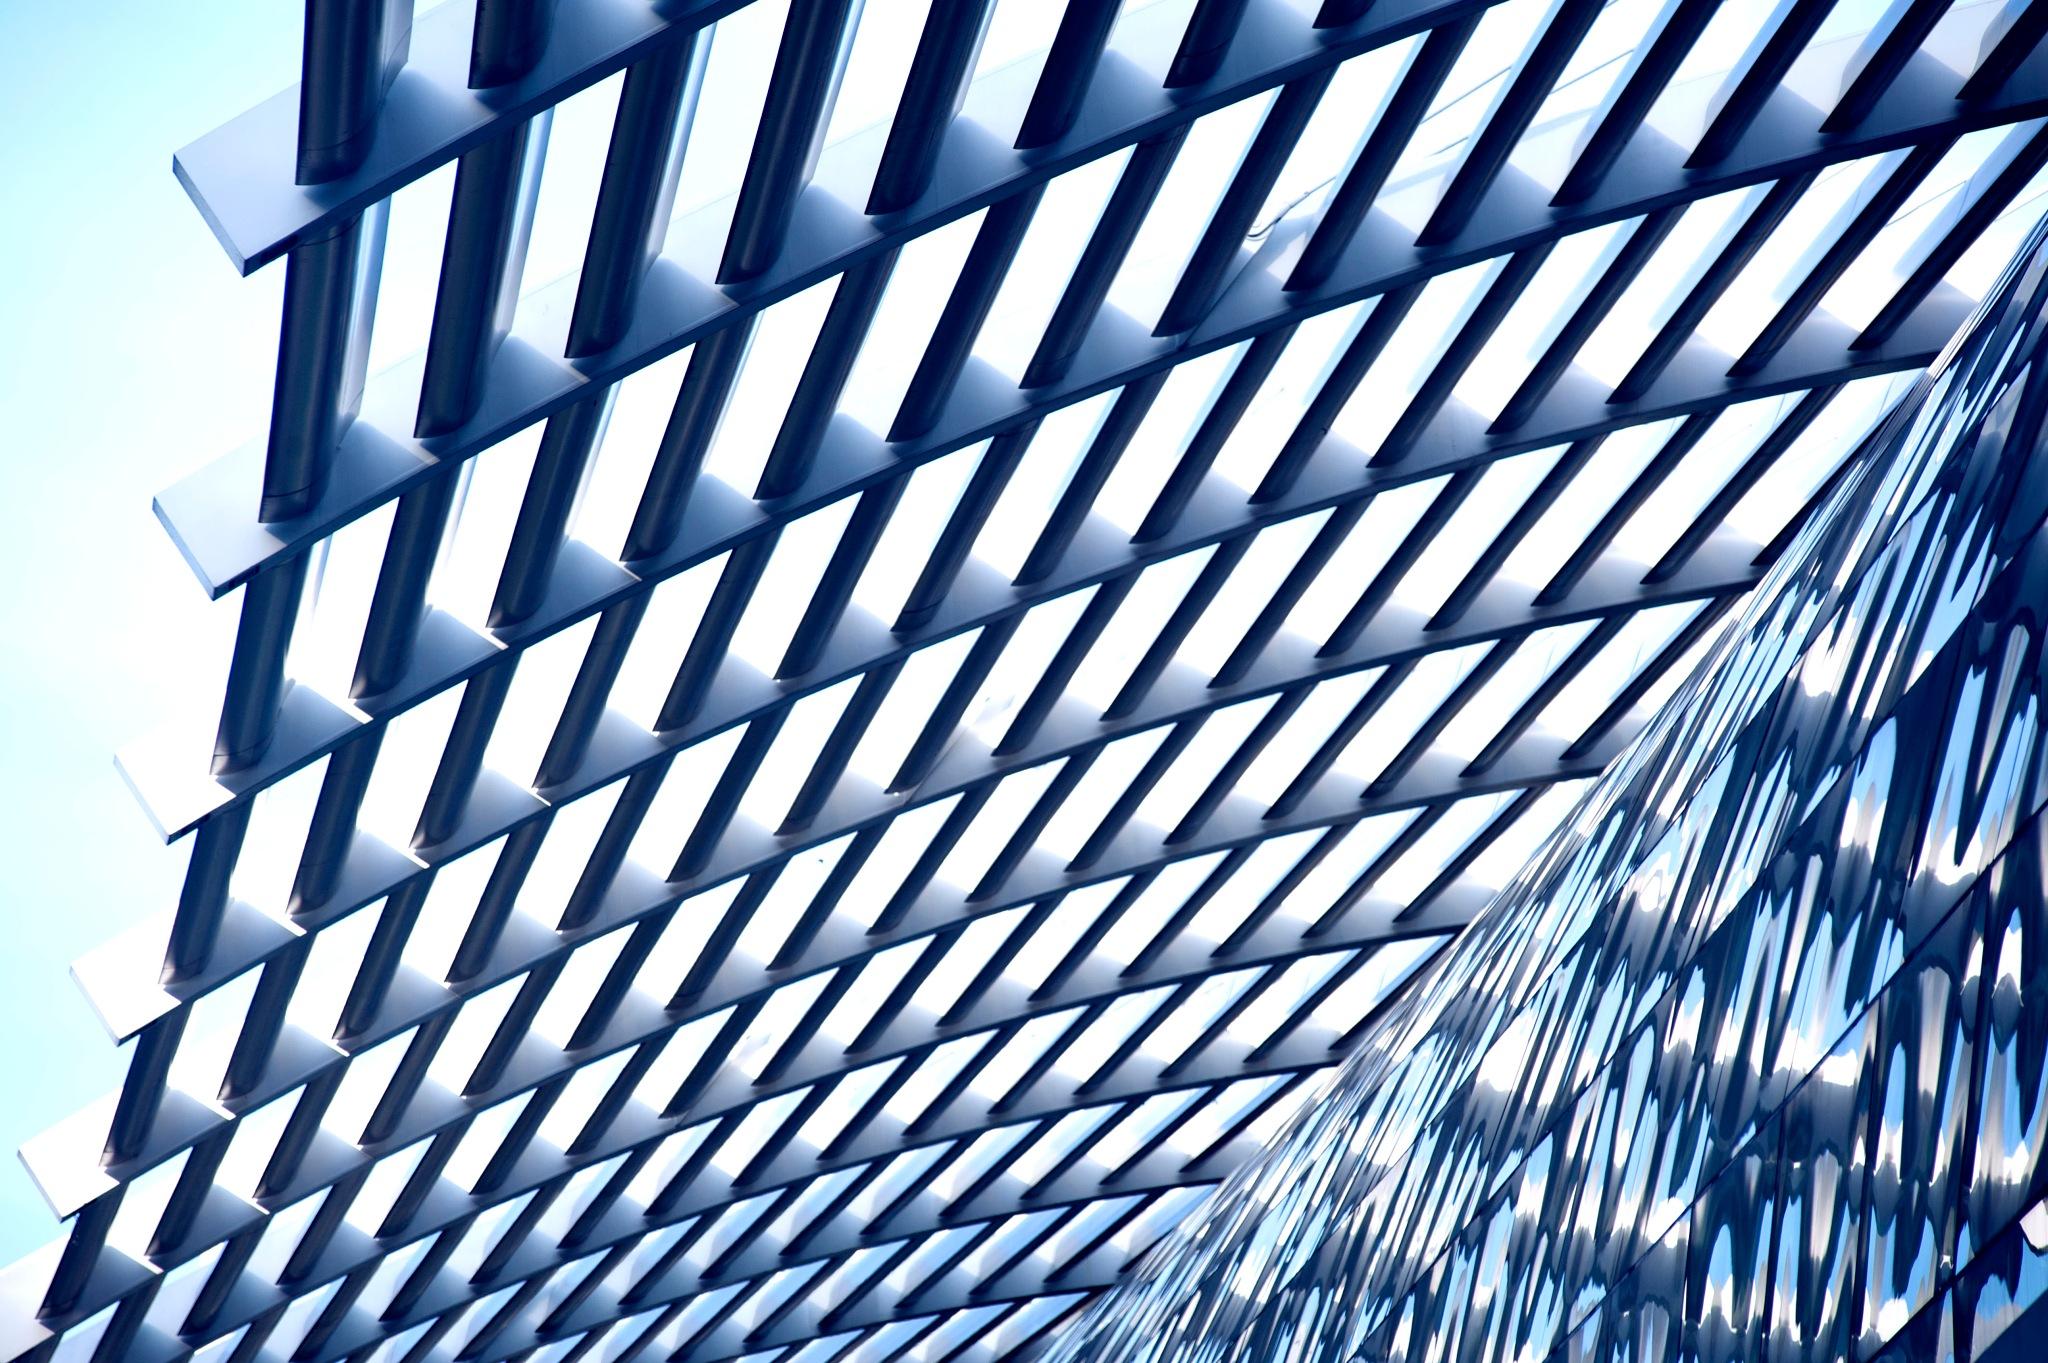 Modern Architecture by Zen Lim